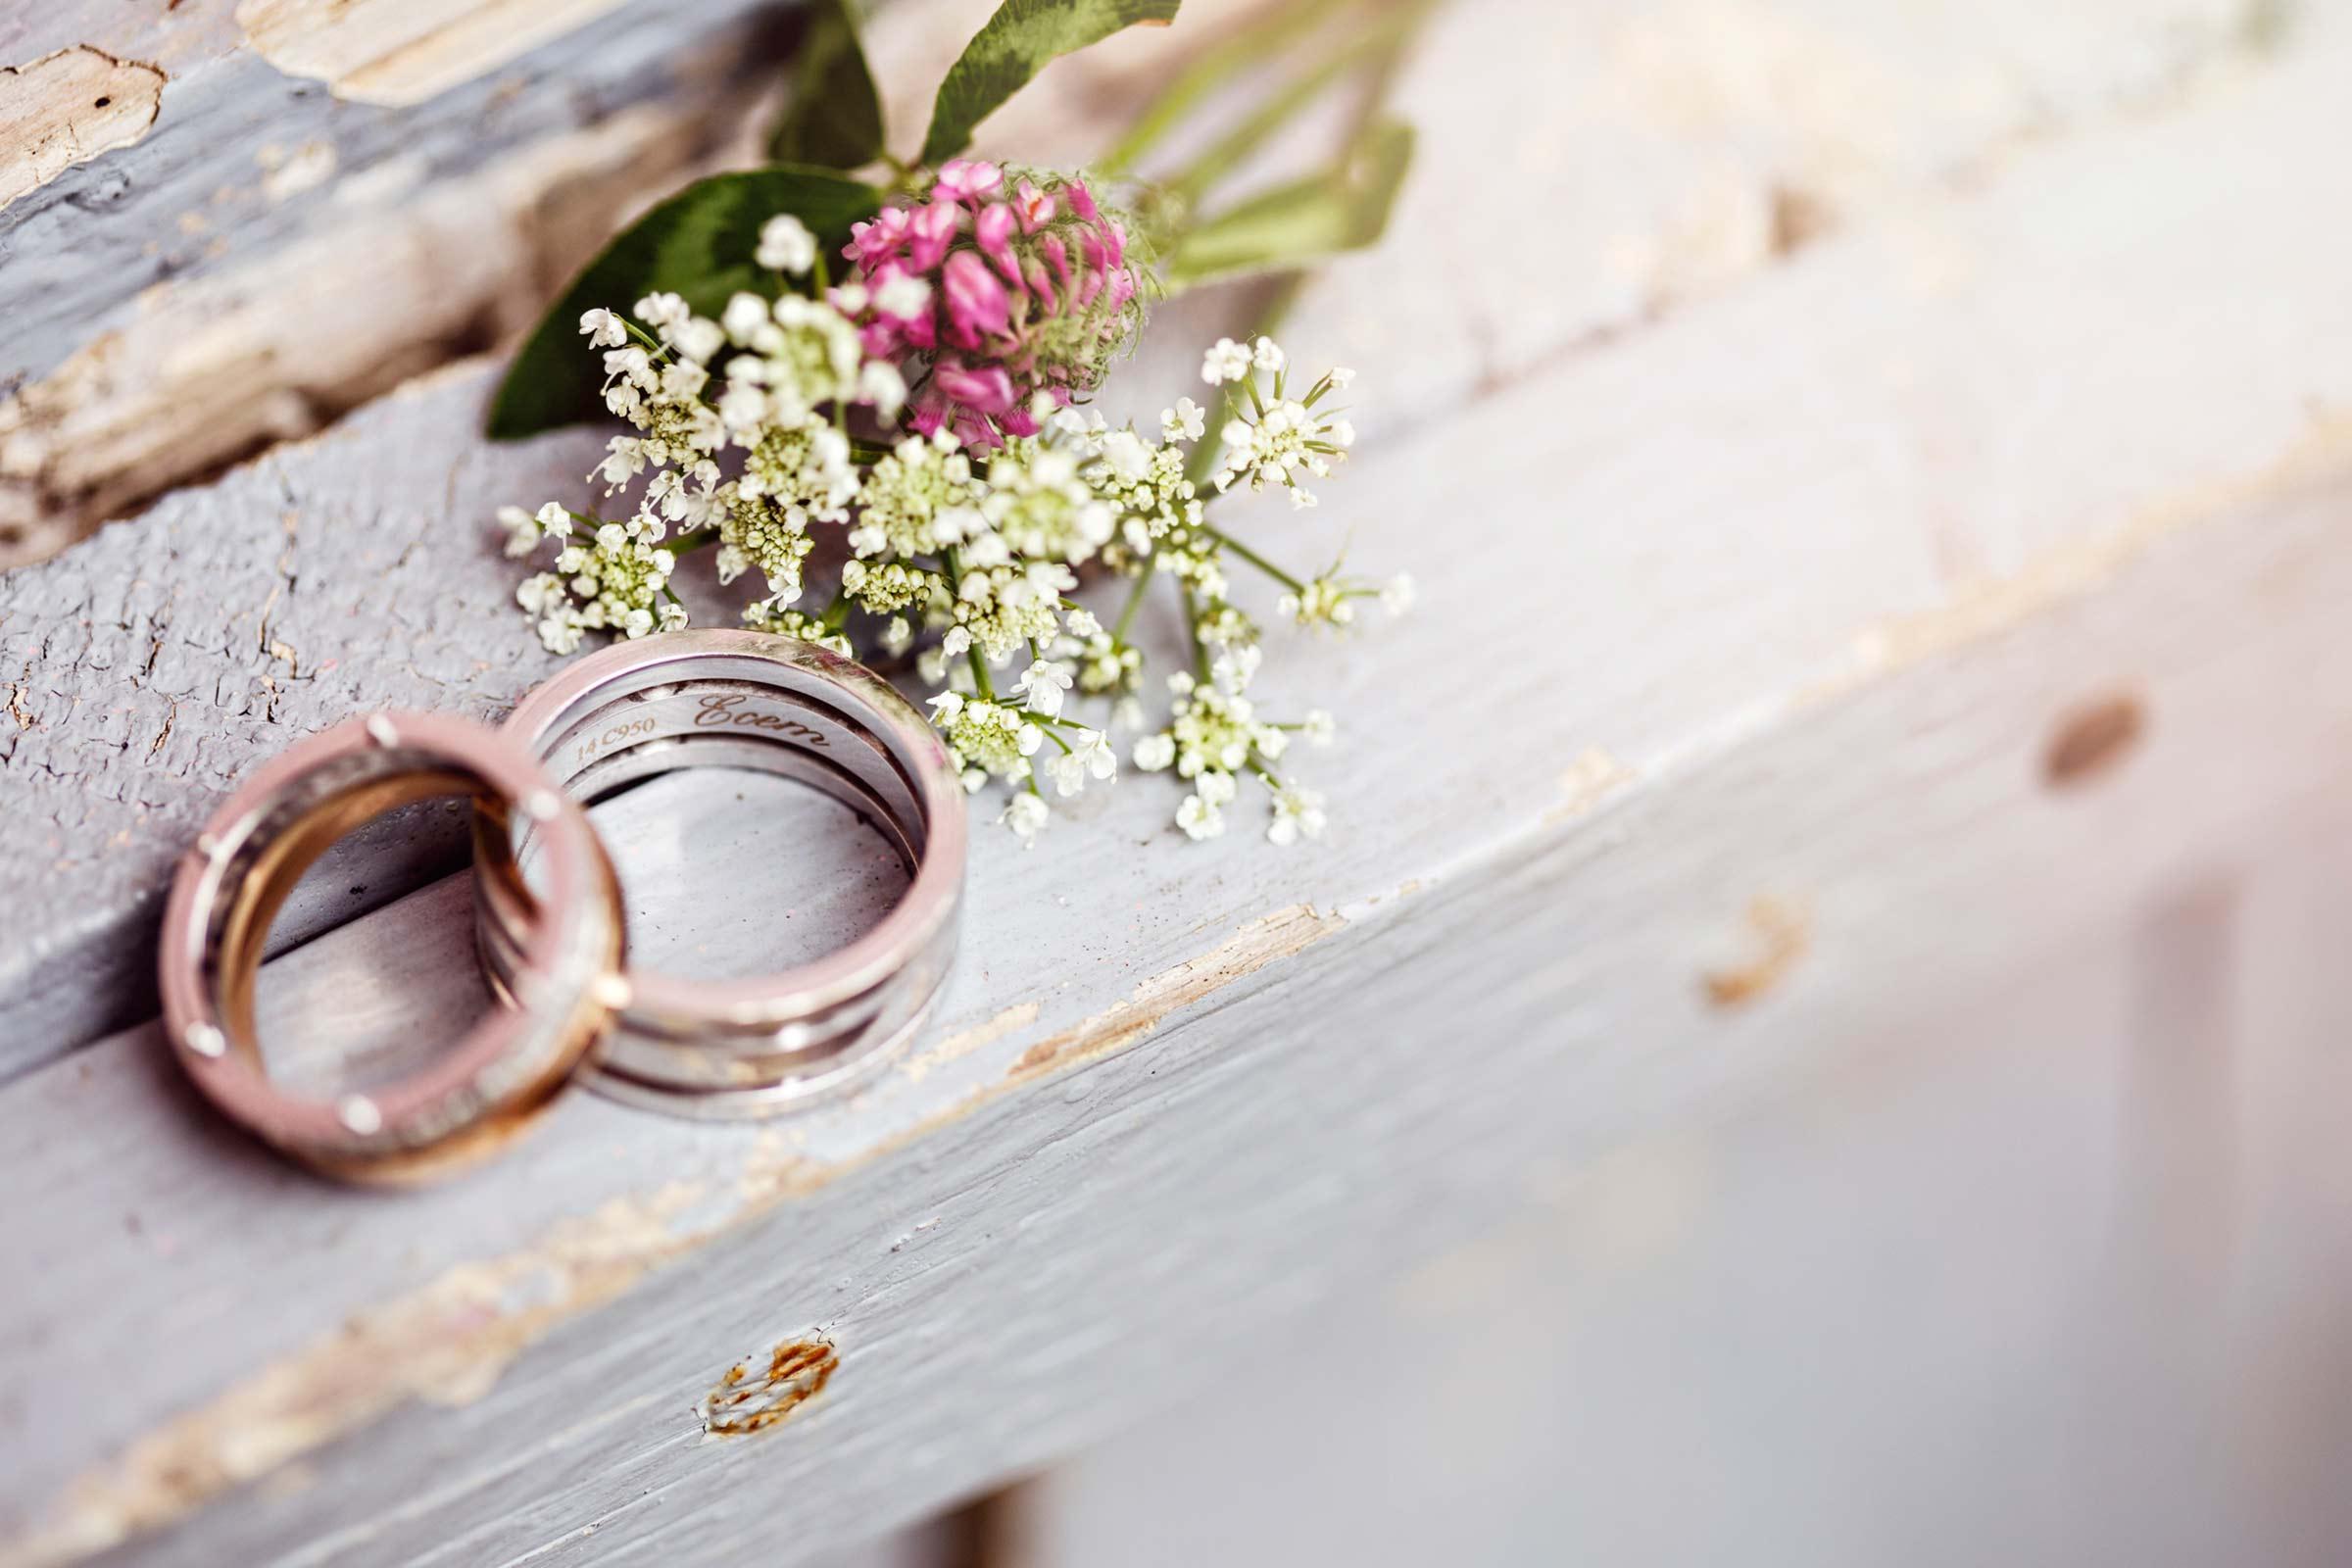 Evlilik İçin İdeal Yaş Kaçtır